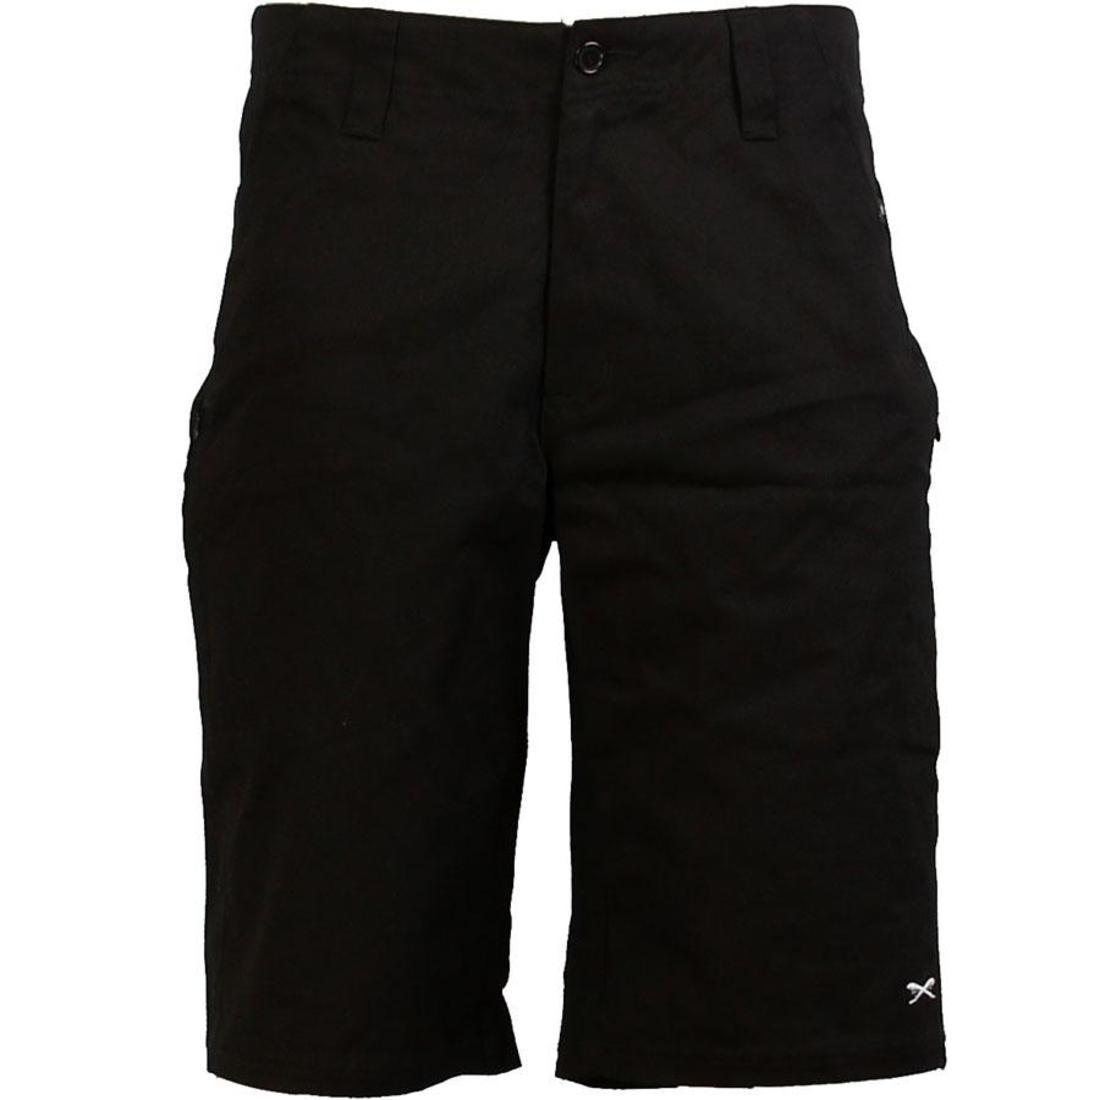 ショーツ ハーフパンツ 黒 ブラック 【 BLACK TRIUMVIR SWORDS SHORTS 】 メンズファッション ズボン パンツ